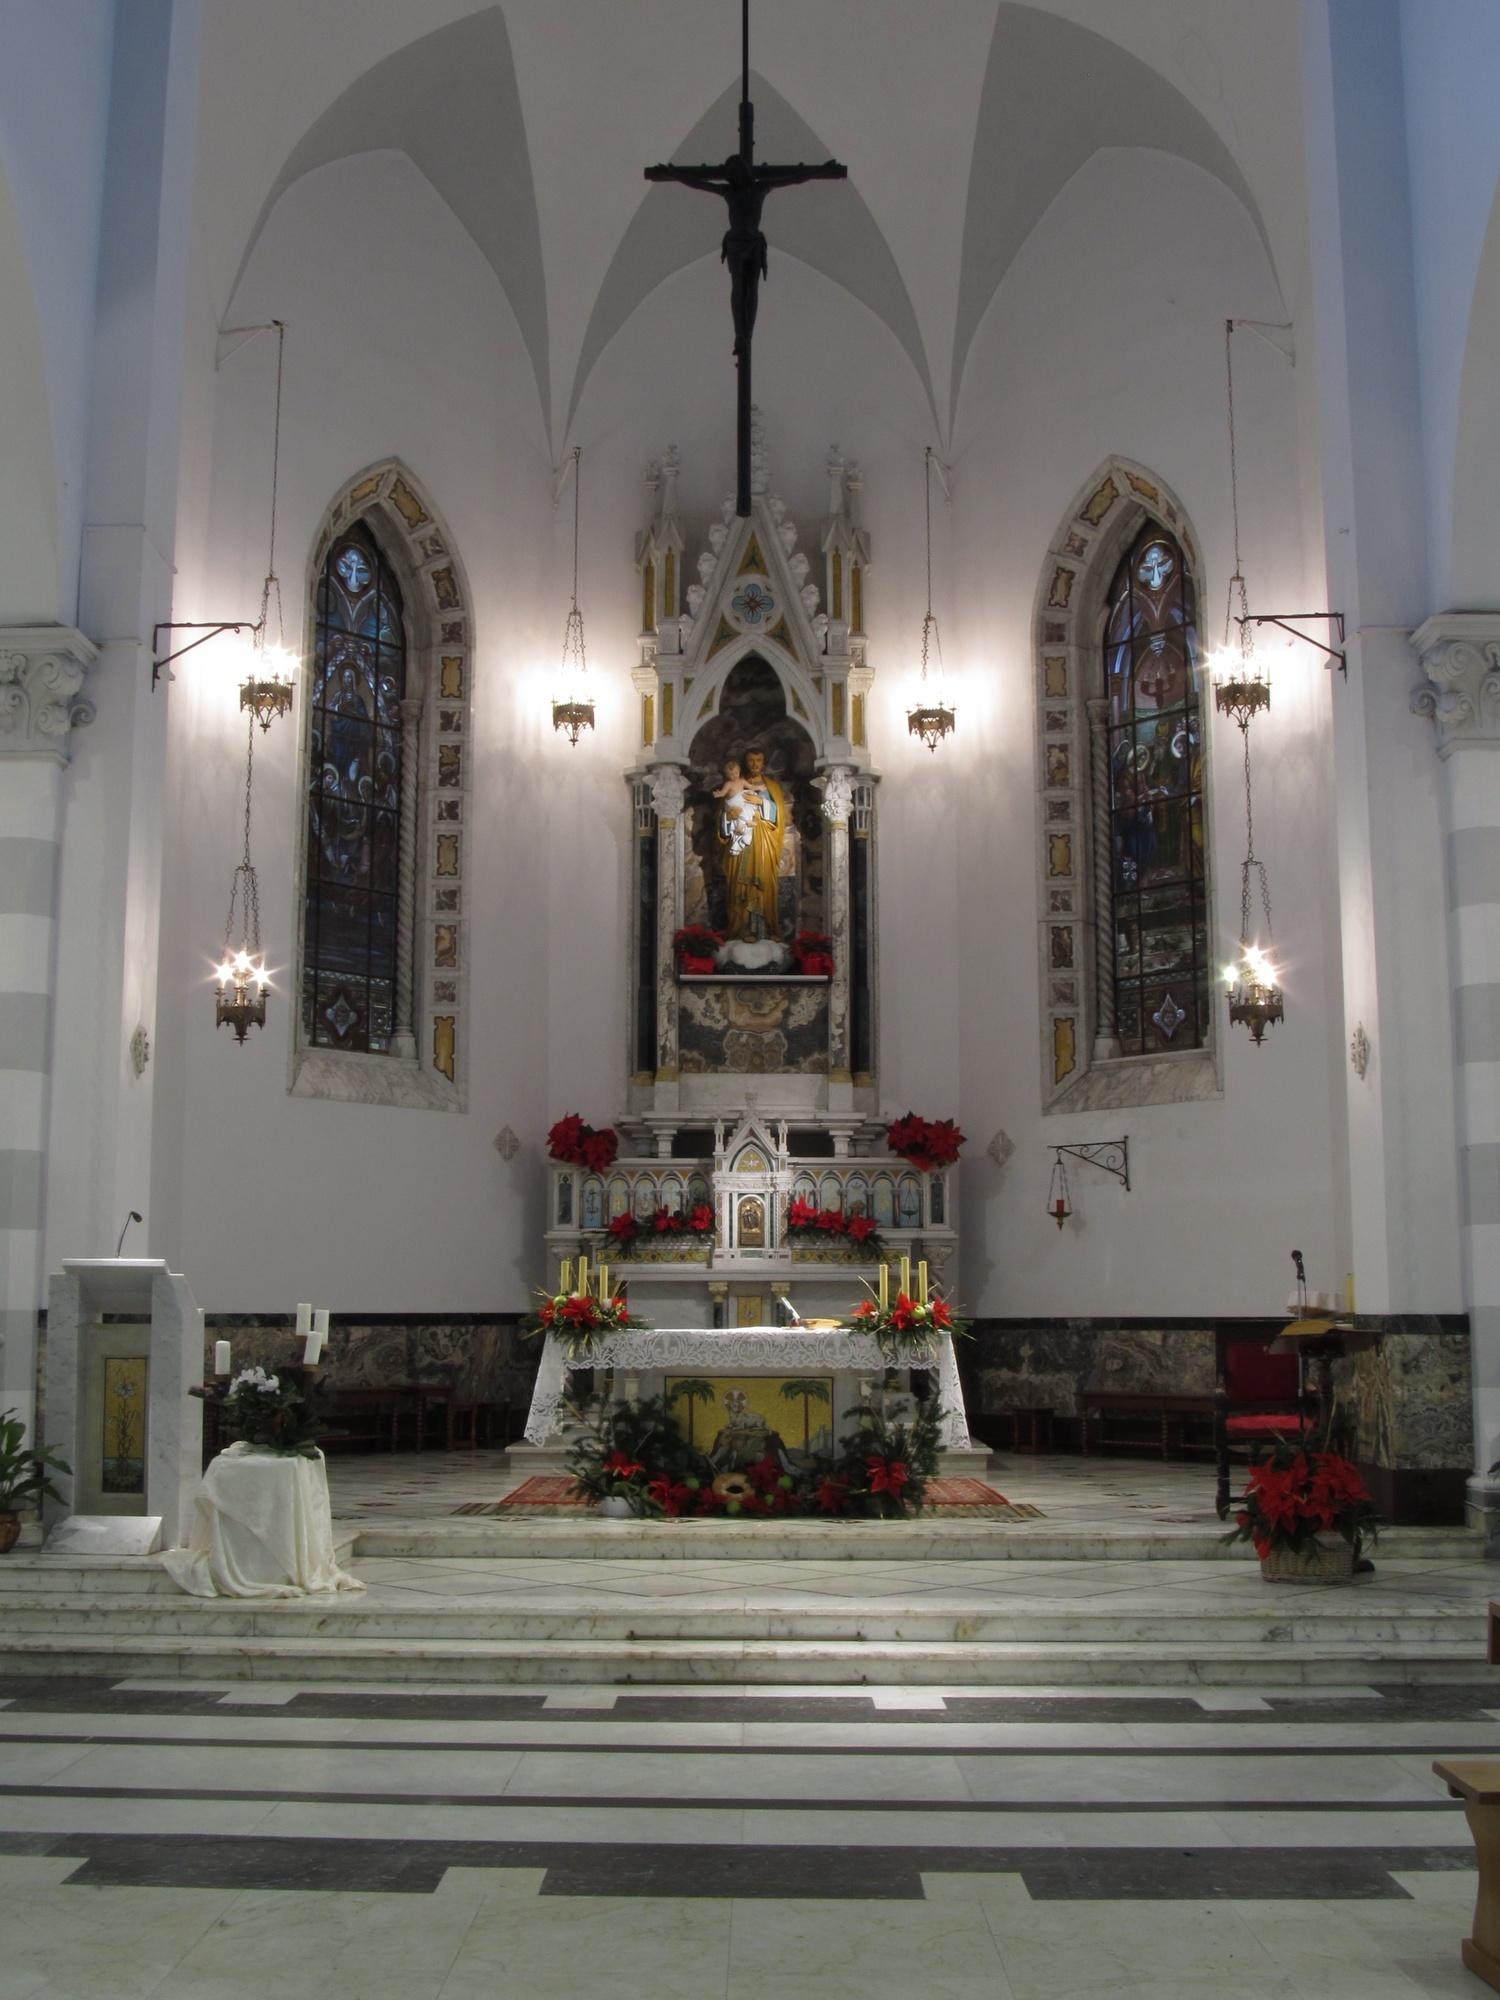 chiesa-natale-2015-12-24-15-03-50